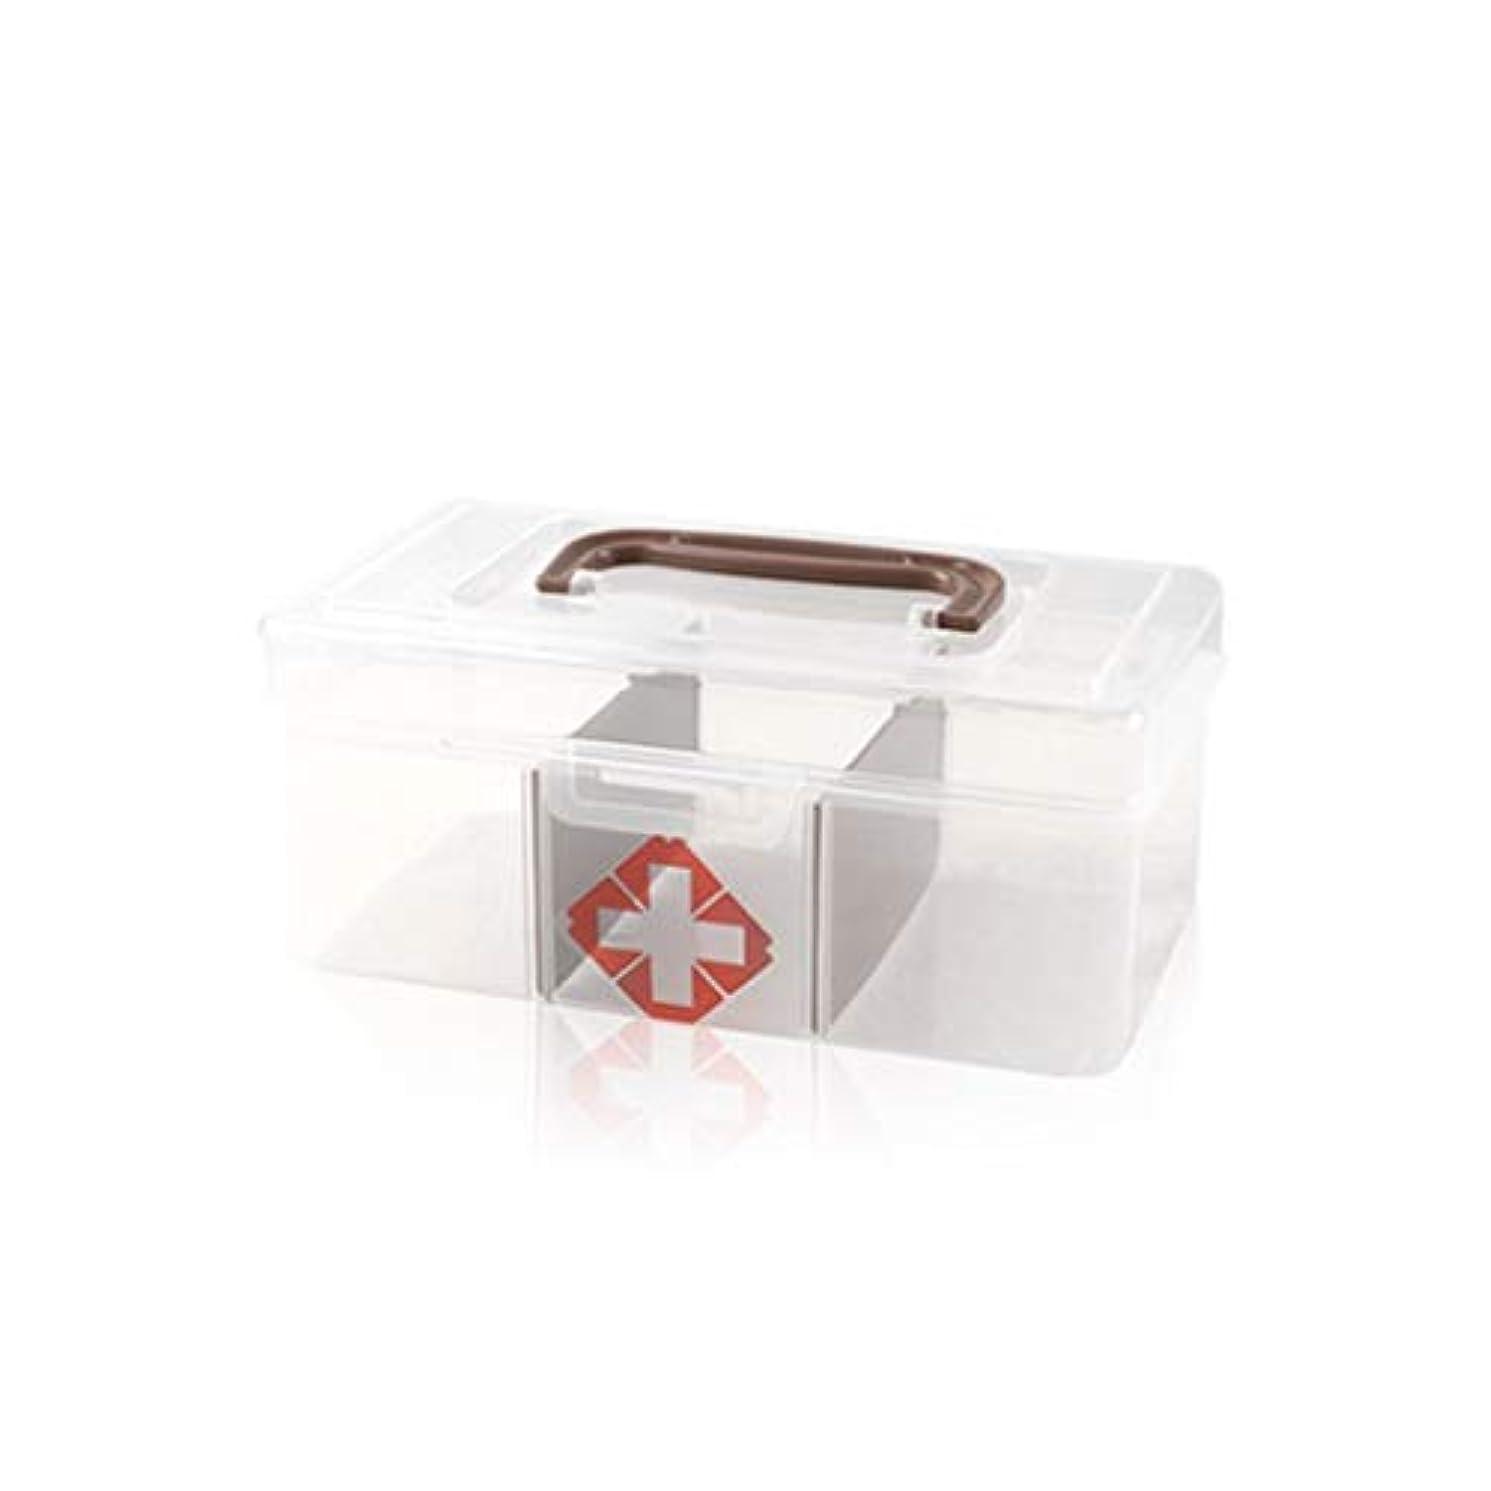 逃げる廃棄サーフィンYYFRB 小さな透明な薬箱、家庭用ポータブルプラスチック薬収納ボックス 医学パッケージ (Color : Brown)